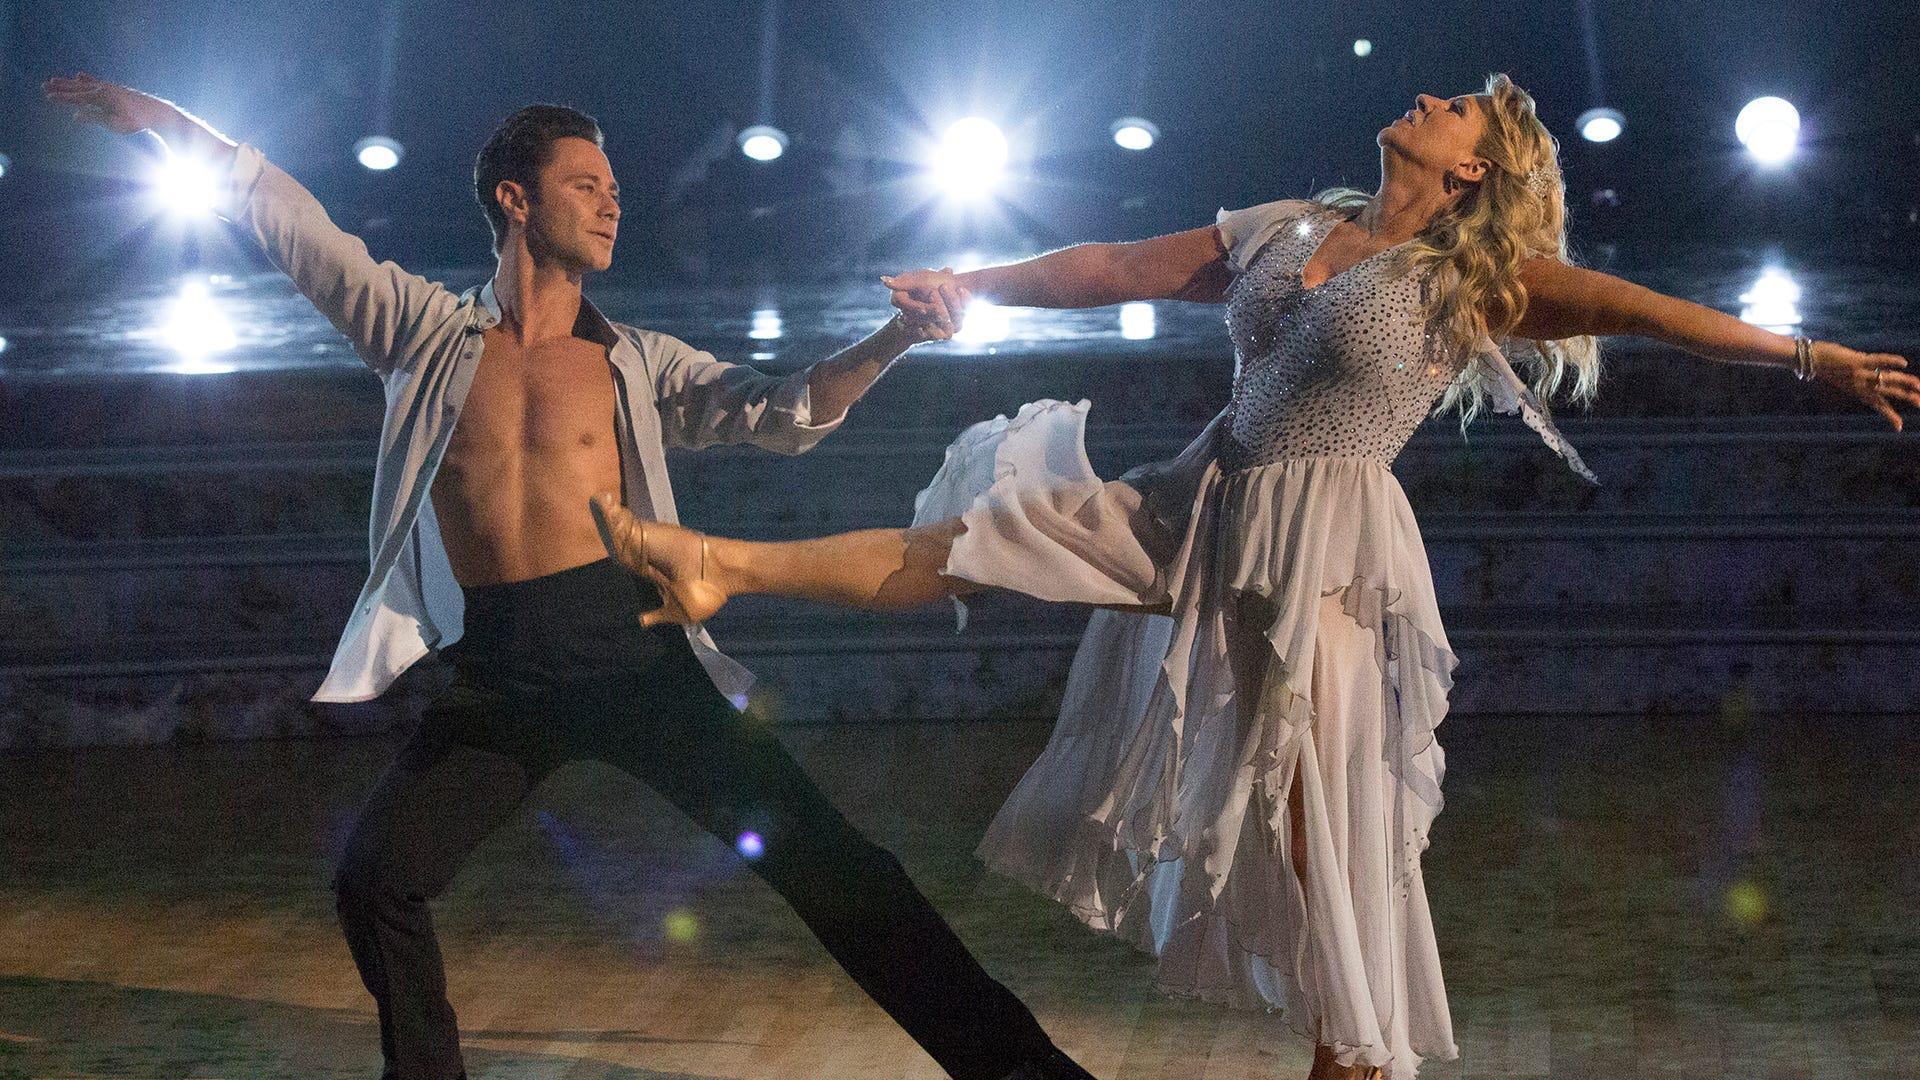 Tonya Harding and Sasah Farber, Dancing with the Stars